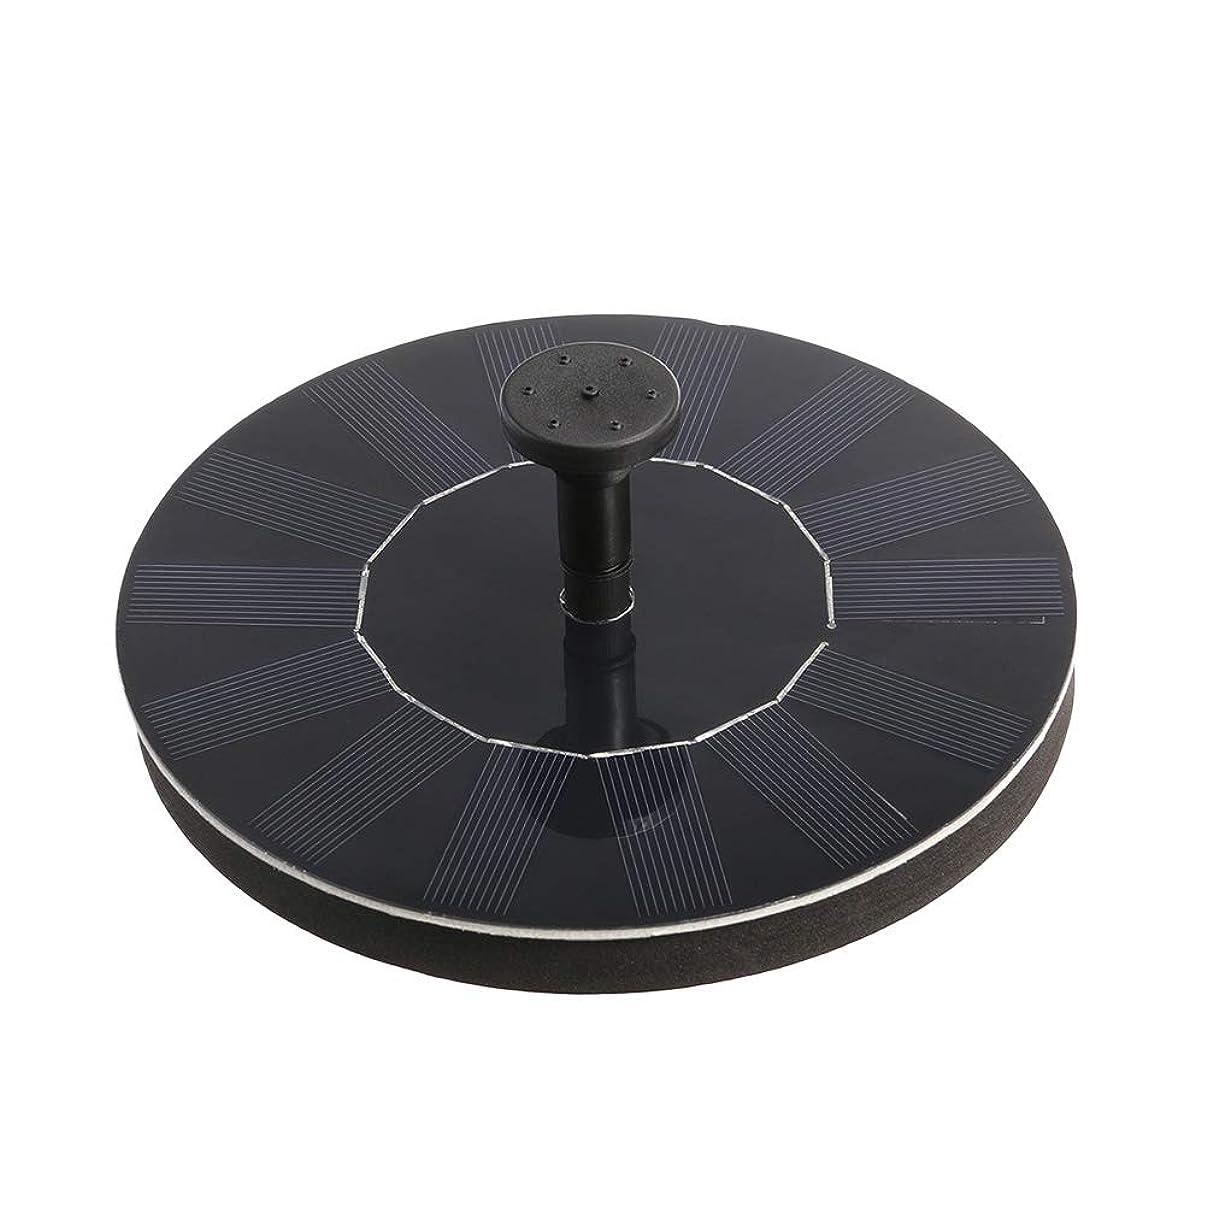 巨大な神話地域のLIOOBO 1.4ワットソーラーパワーポンプバードバス噴水ポンプ1.4ワットソーラーウォーターポンプキット用バードバスウォーター(ブラック)